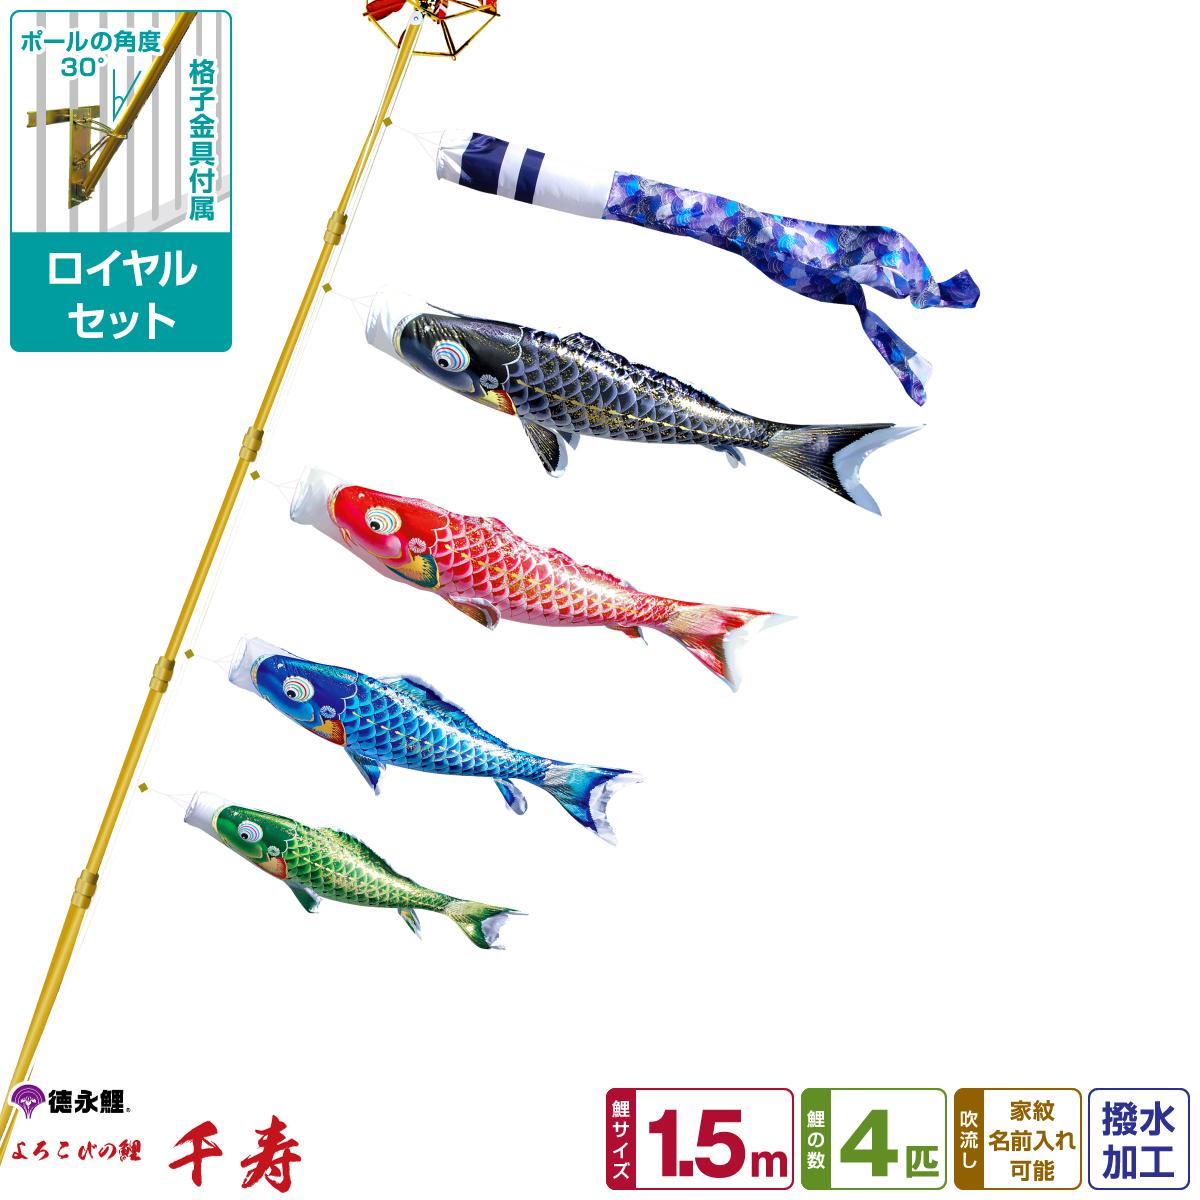 徳永鯉のぼり 千寿鯉 1.5m 7点セット ベランダ用ロイヤルセット 2019年初節句 端午の節句 こどもの日 こいのぼり